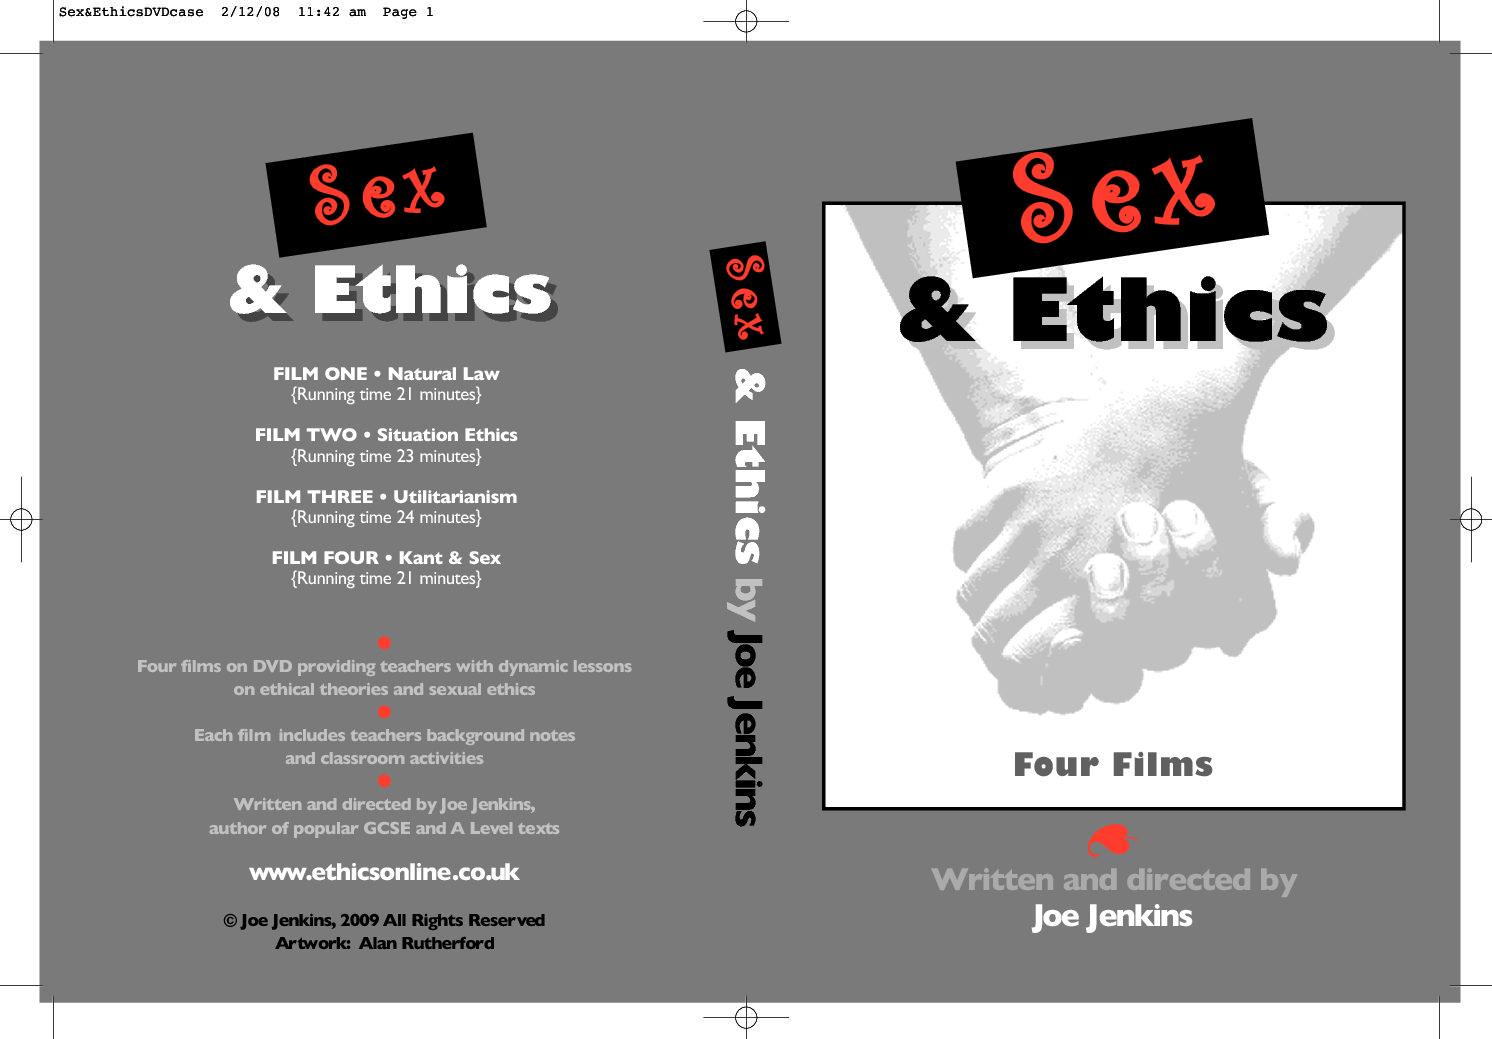 Sex&EthicsDVDcasec